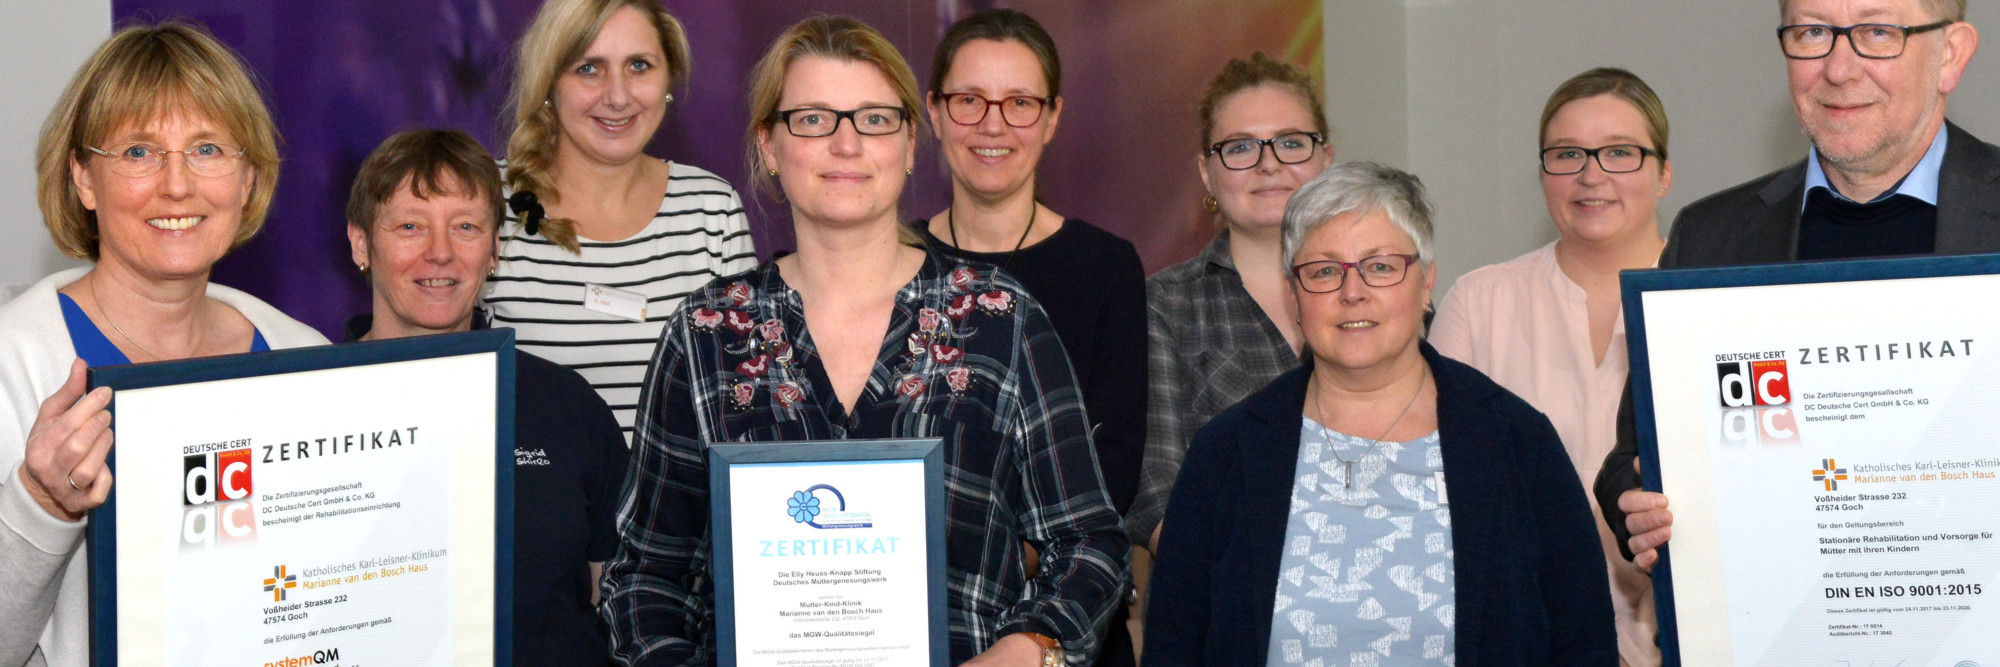 Das Team des Marianne van den Bosch Hauses präsentiert stolz die Zertifikate des Kurhauses.